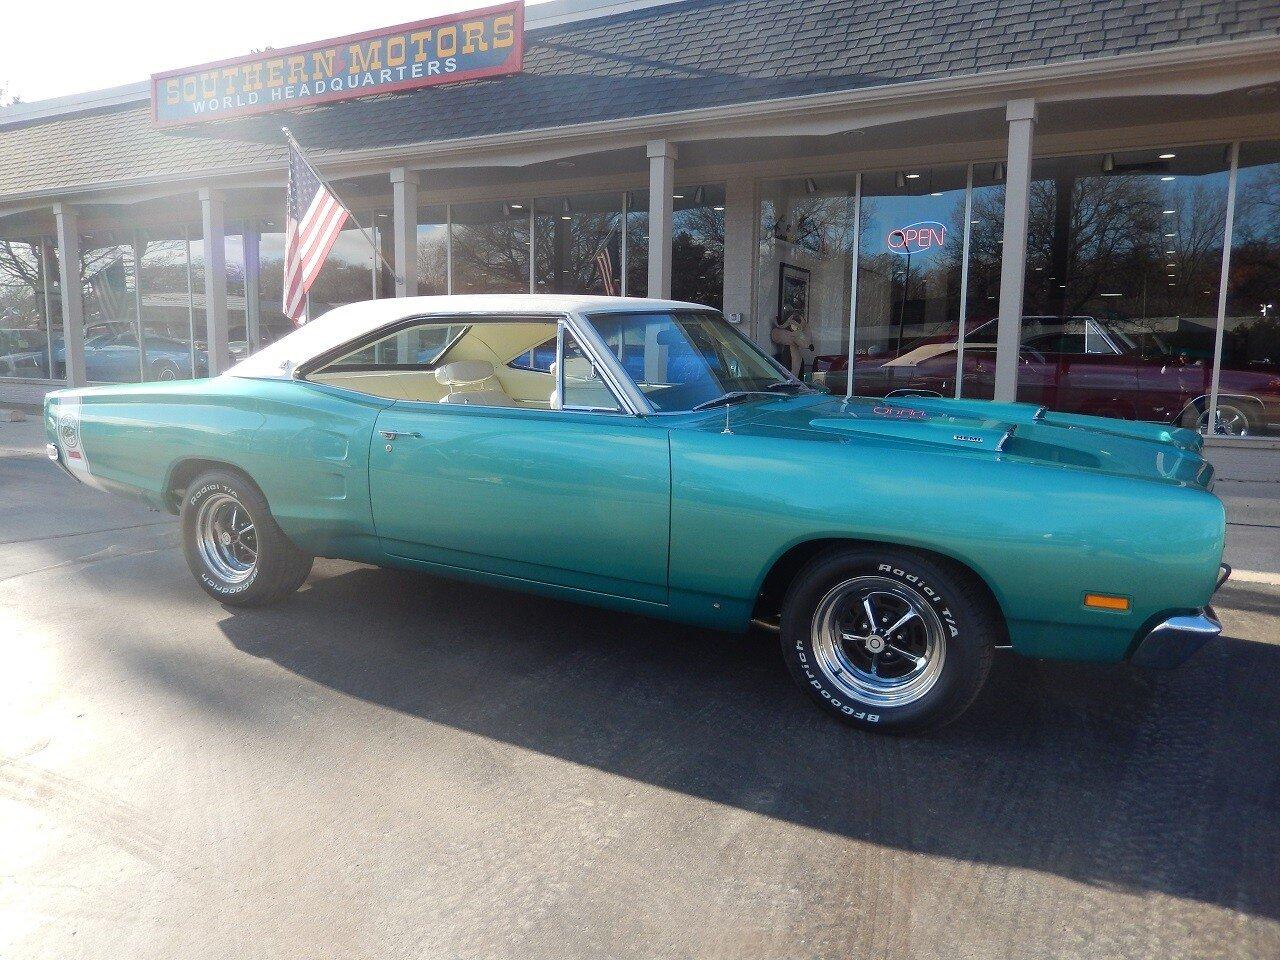 1966 dodge coronet classics for sale classics on autotrader 1966 Dodge Semi 1969 dodge coronet super bee